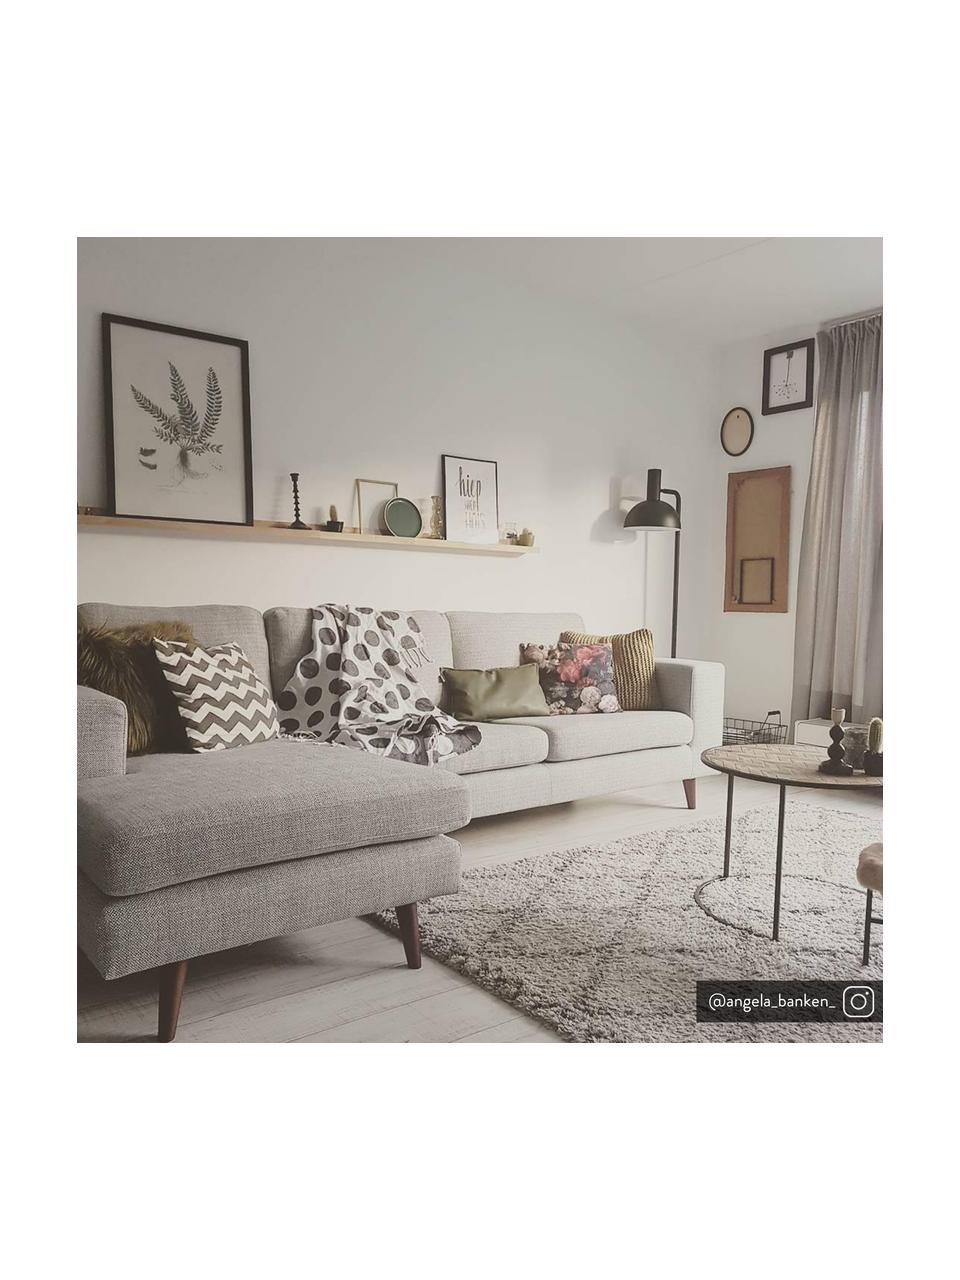 Divano angolare in tessuto grigio chiaro Norwich, Rivestimento: poliestere, Piedini: legno di faggio, vernicia, Tessuto grigio chiaro, Larg. 233 x Prof. 148 cm